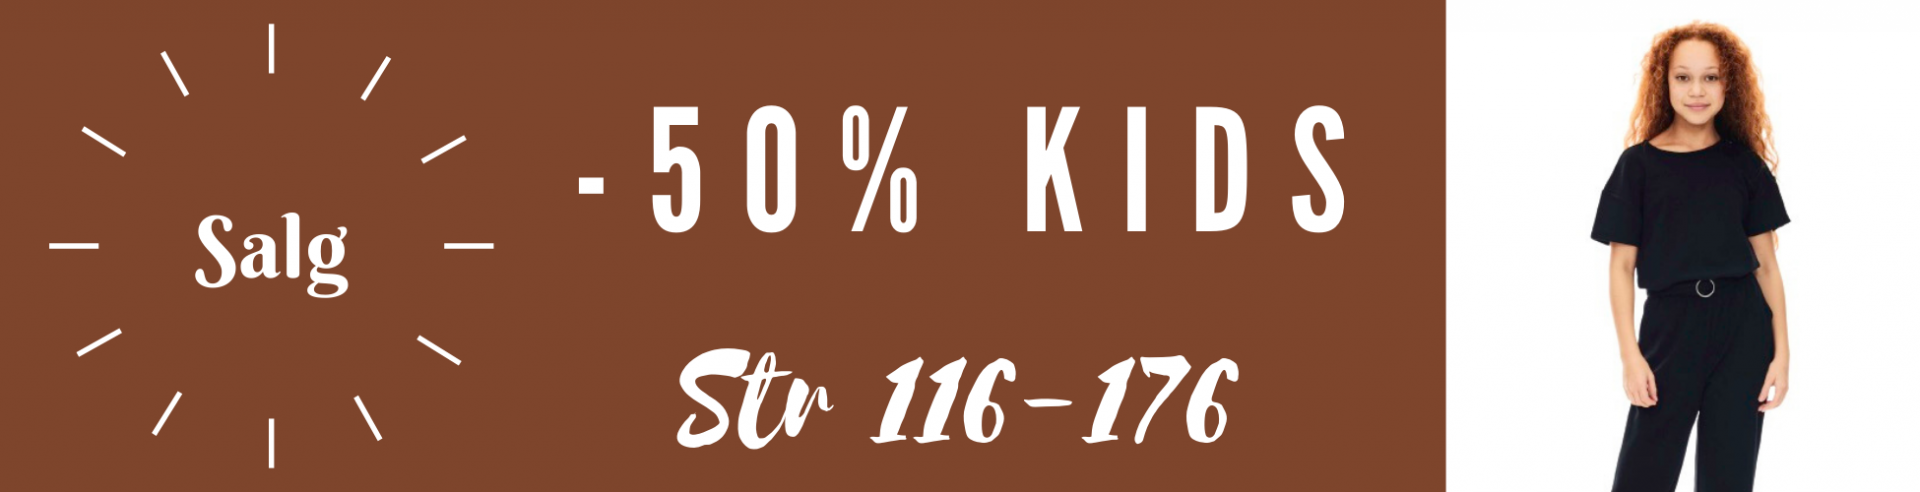 Januarsalg kids -50%